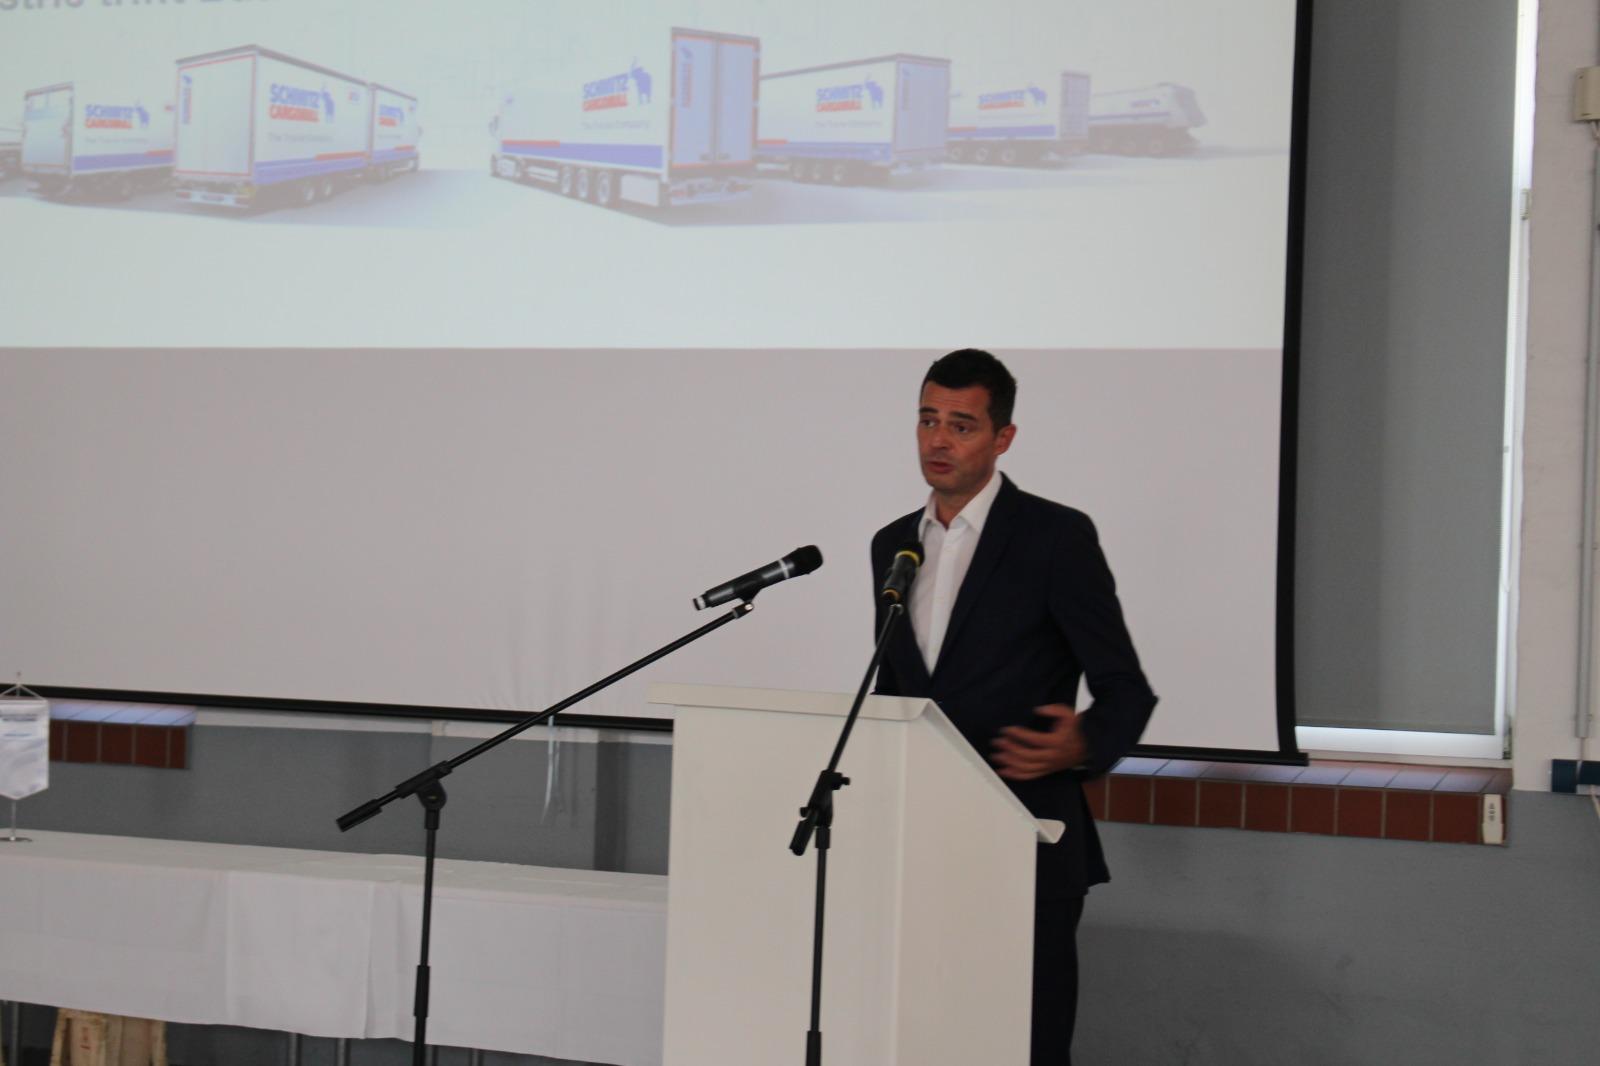 Der Landesvorsitzende der CDU Mike Mohring bei seiner Begrüßungsrede